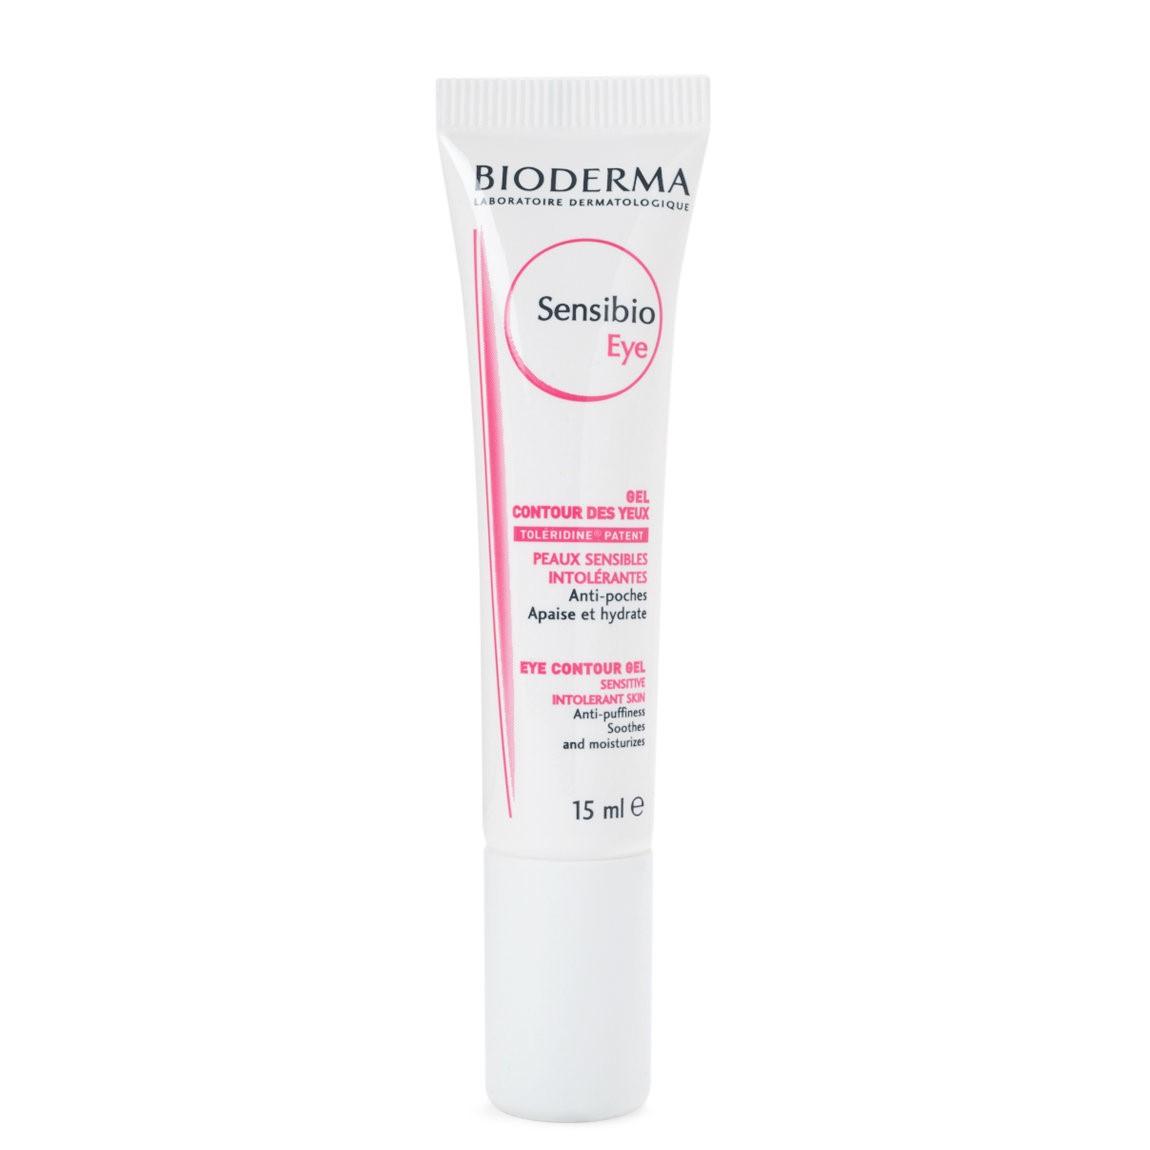 Gel dưỡng ẩm chống thâm, giảm bọng mắt Bioderma Sensibio Eye 15ml lý tưởng cho làn da nhạy cảm-hibeauty